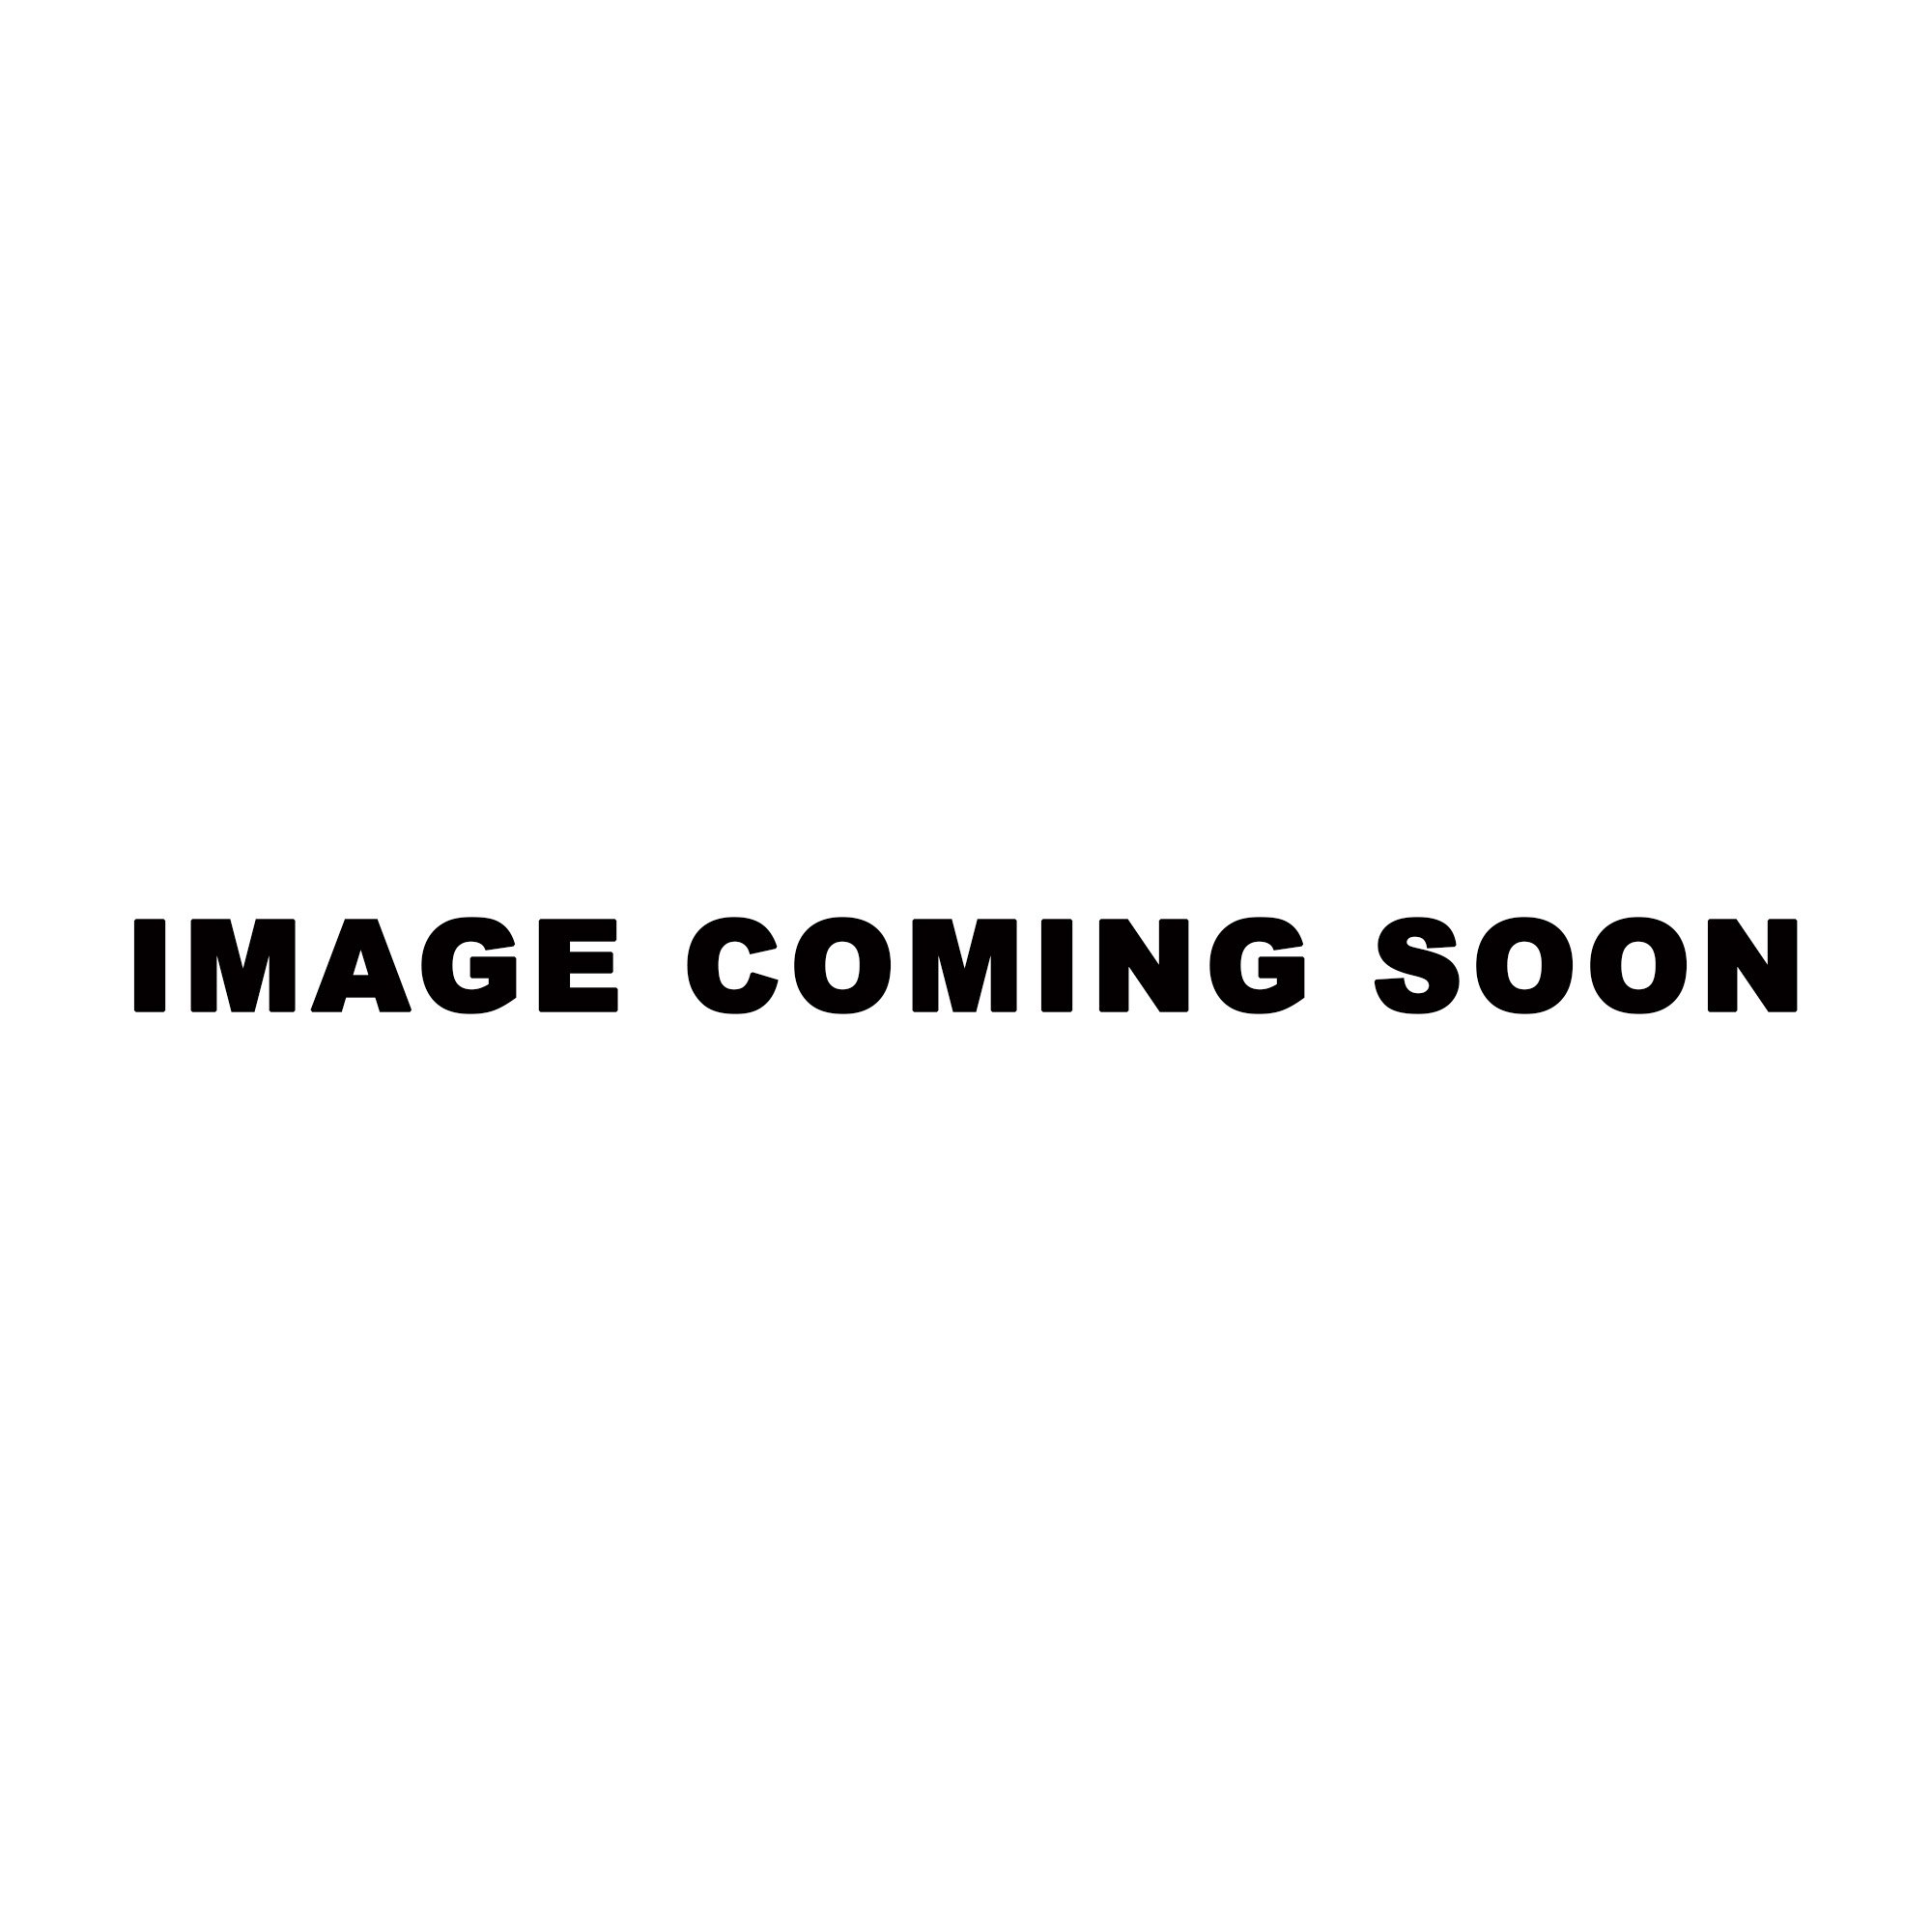 throwback houston astros logo. Majestic Houston Astros